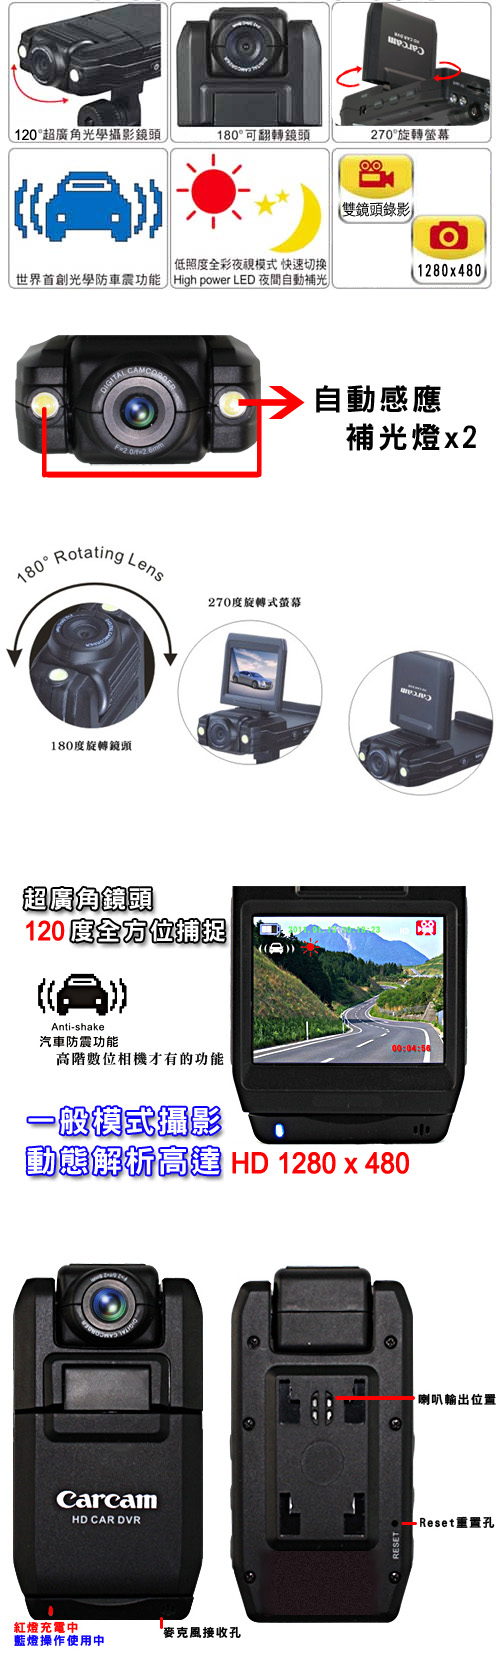 雙鏡頭夜視廣角行車記錄器,夜視行車記錄器